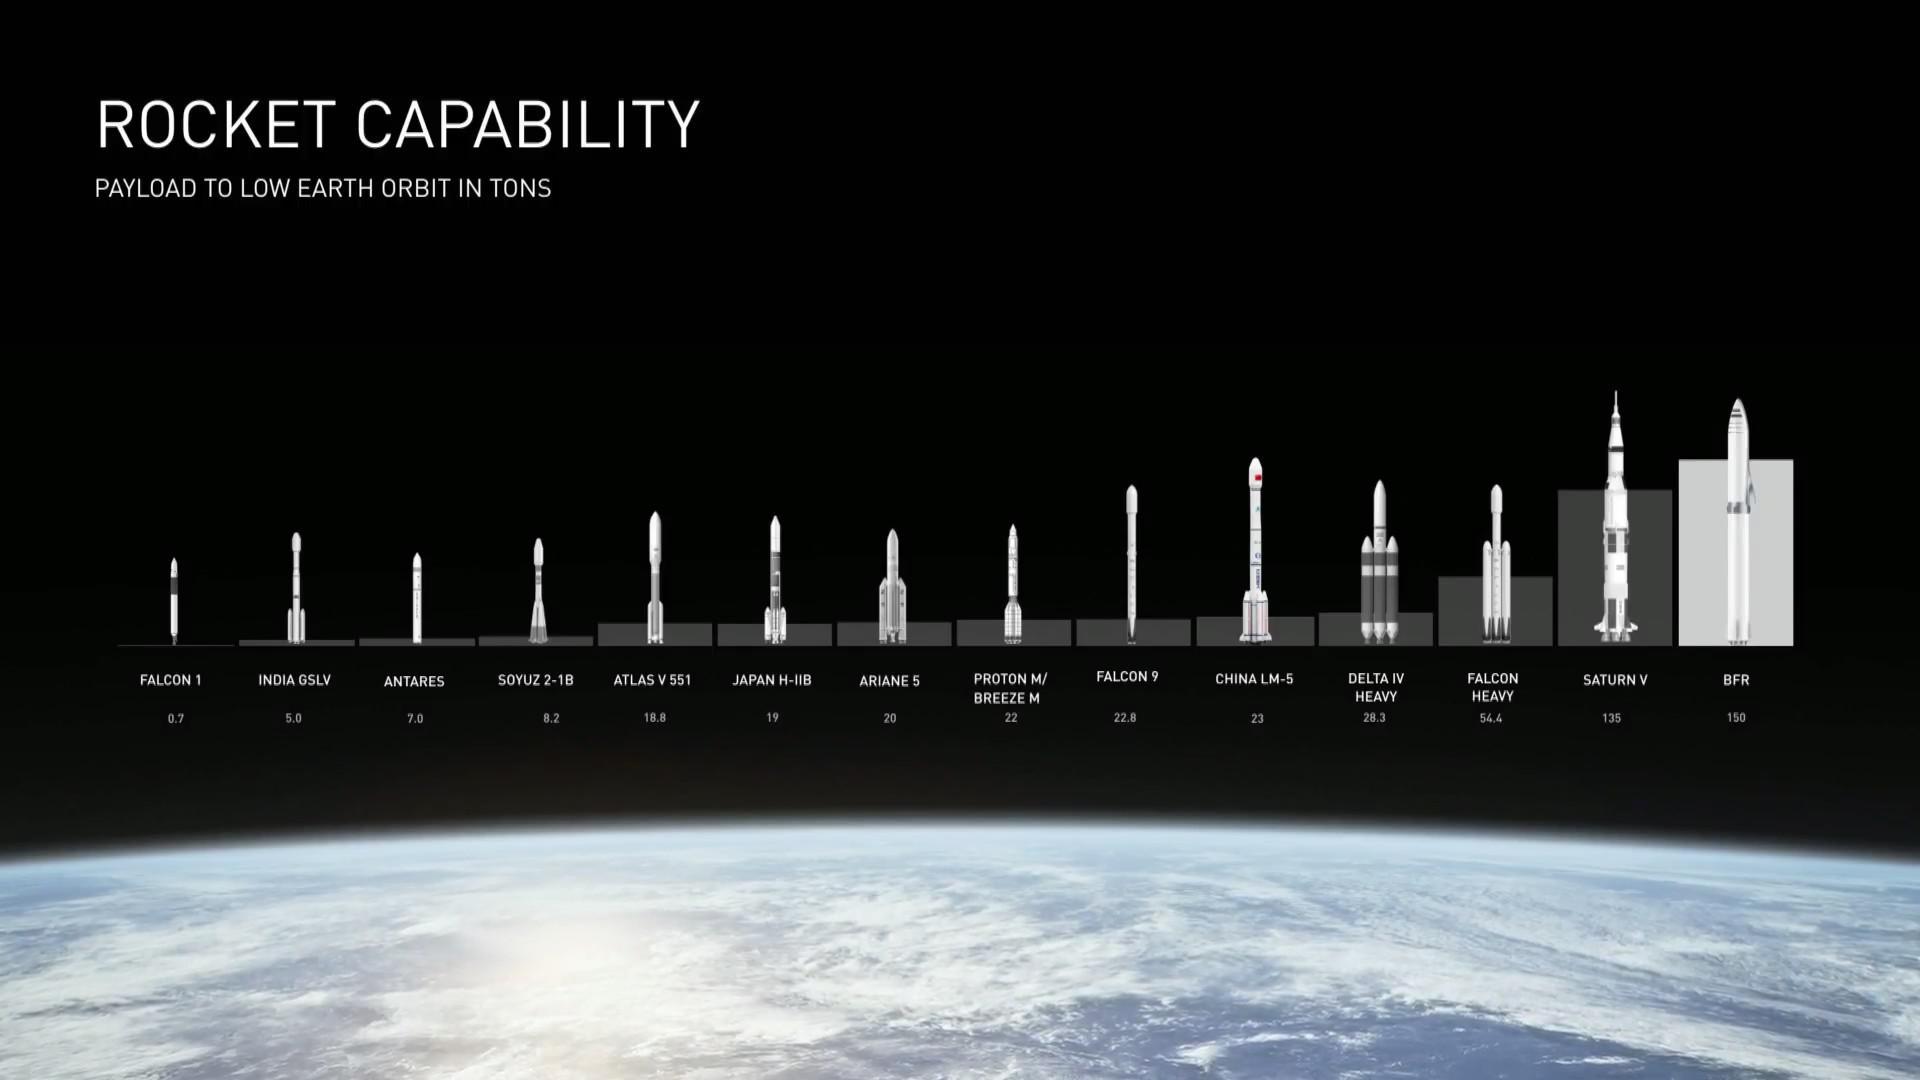 猎鹰重型火箭成功发射,马斯克迈出一大步